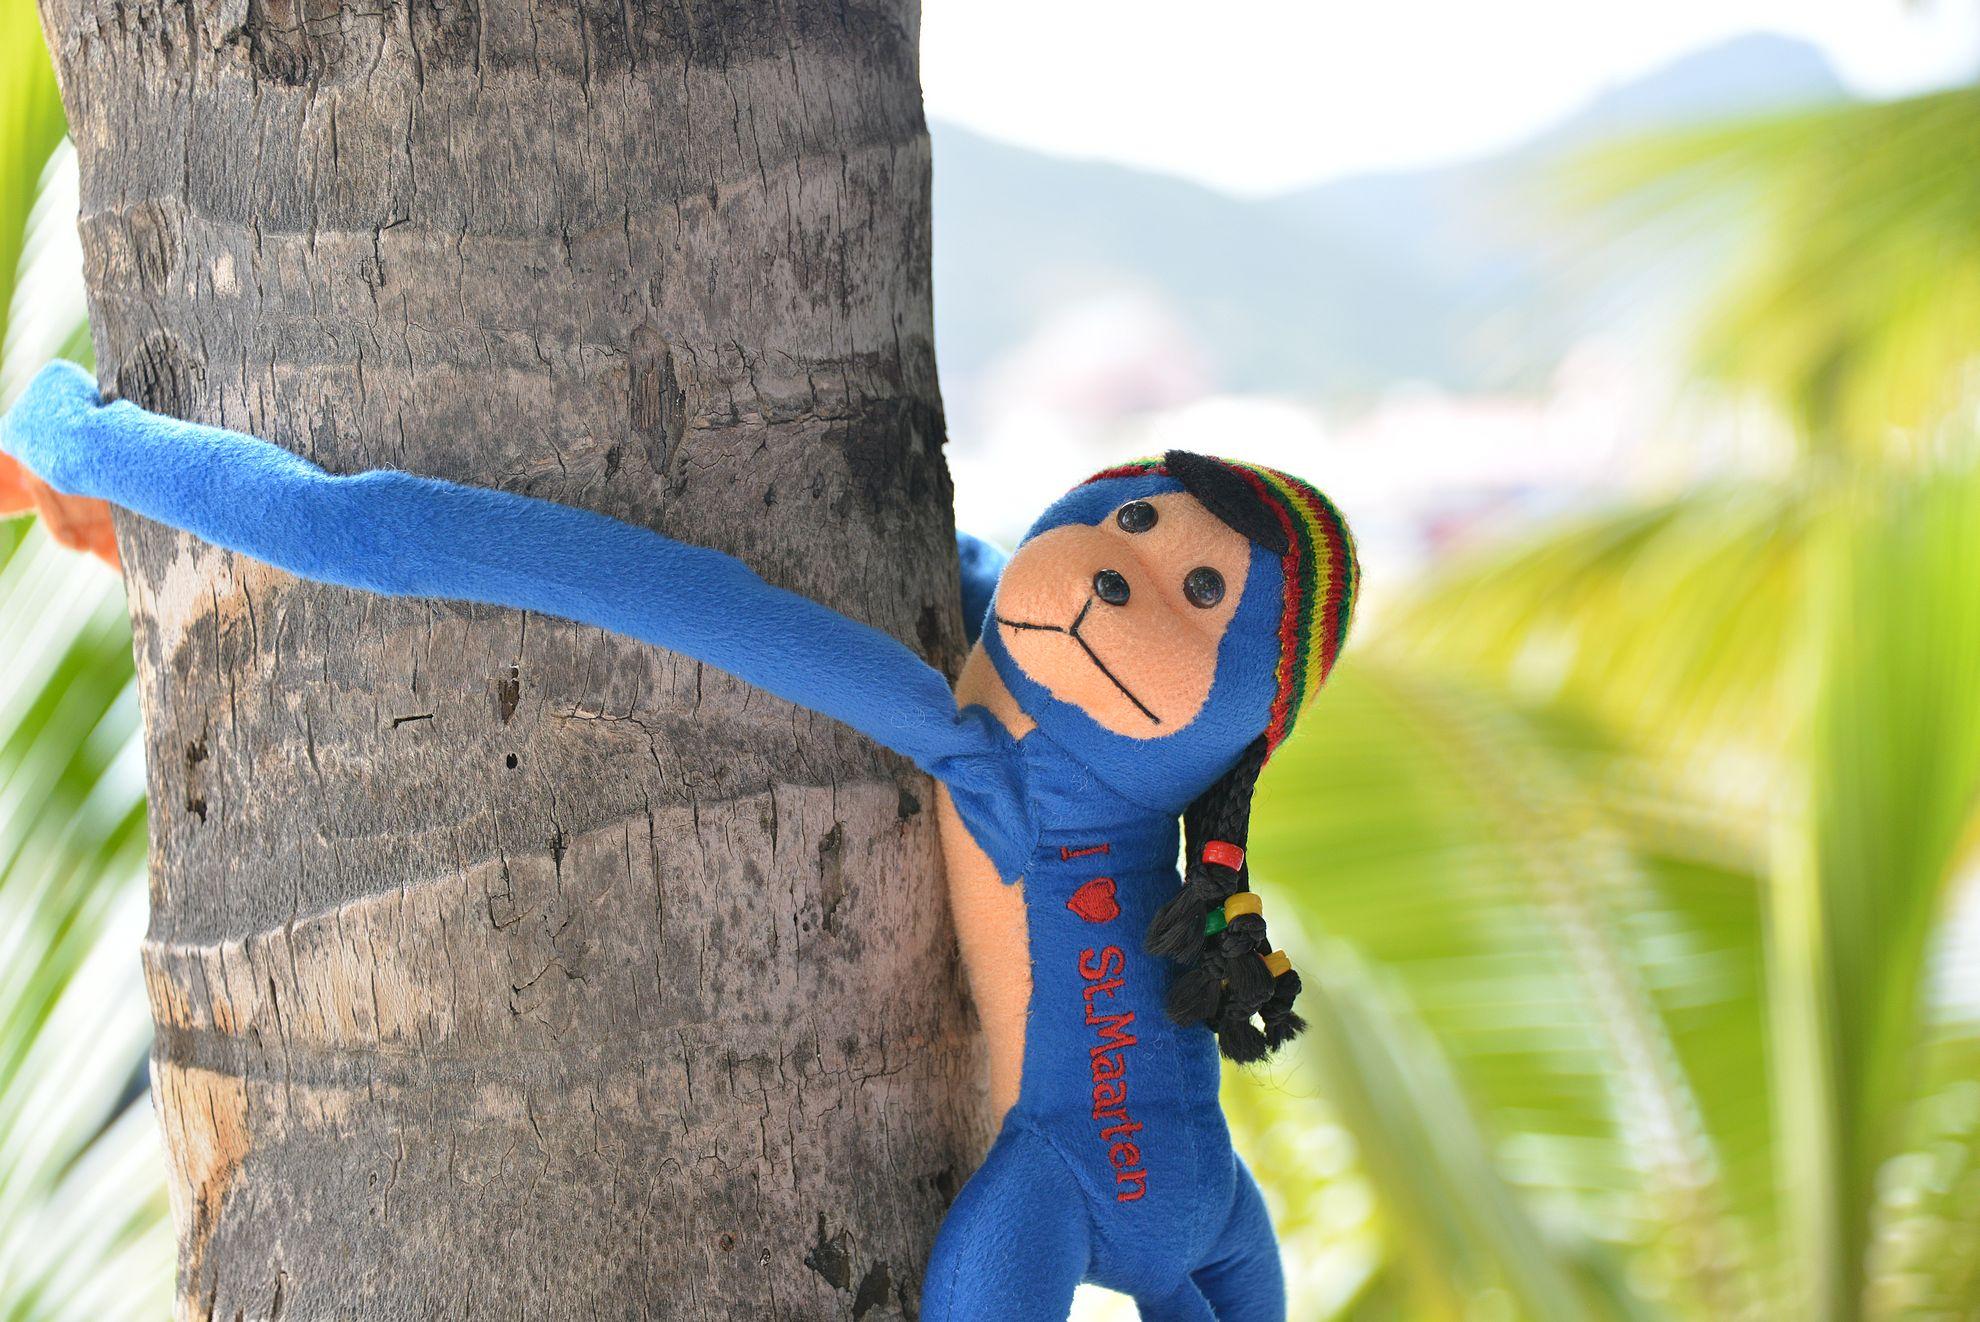 Ekalla reissulla sininen rasta-apina unohtui majapaikkaan ja seuraavalla reissulla hommattiin uusi. Nyt alkaa rastoja pitävät helmet olemaan revityt ja pumpulit pursuavat mahasta ulos. Eli pitäisi varmaan alkaa suunnitella kolmatta reissua St. Maartenille uuden apinan hakuun...